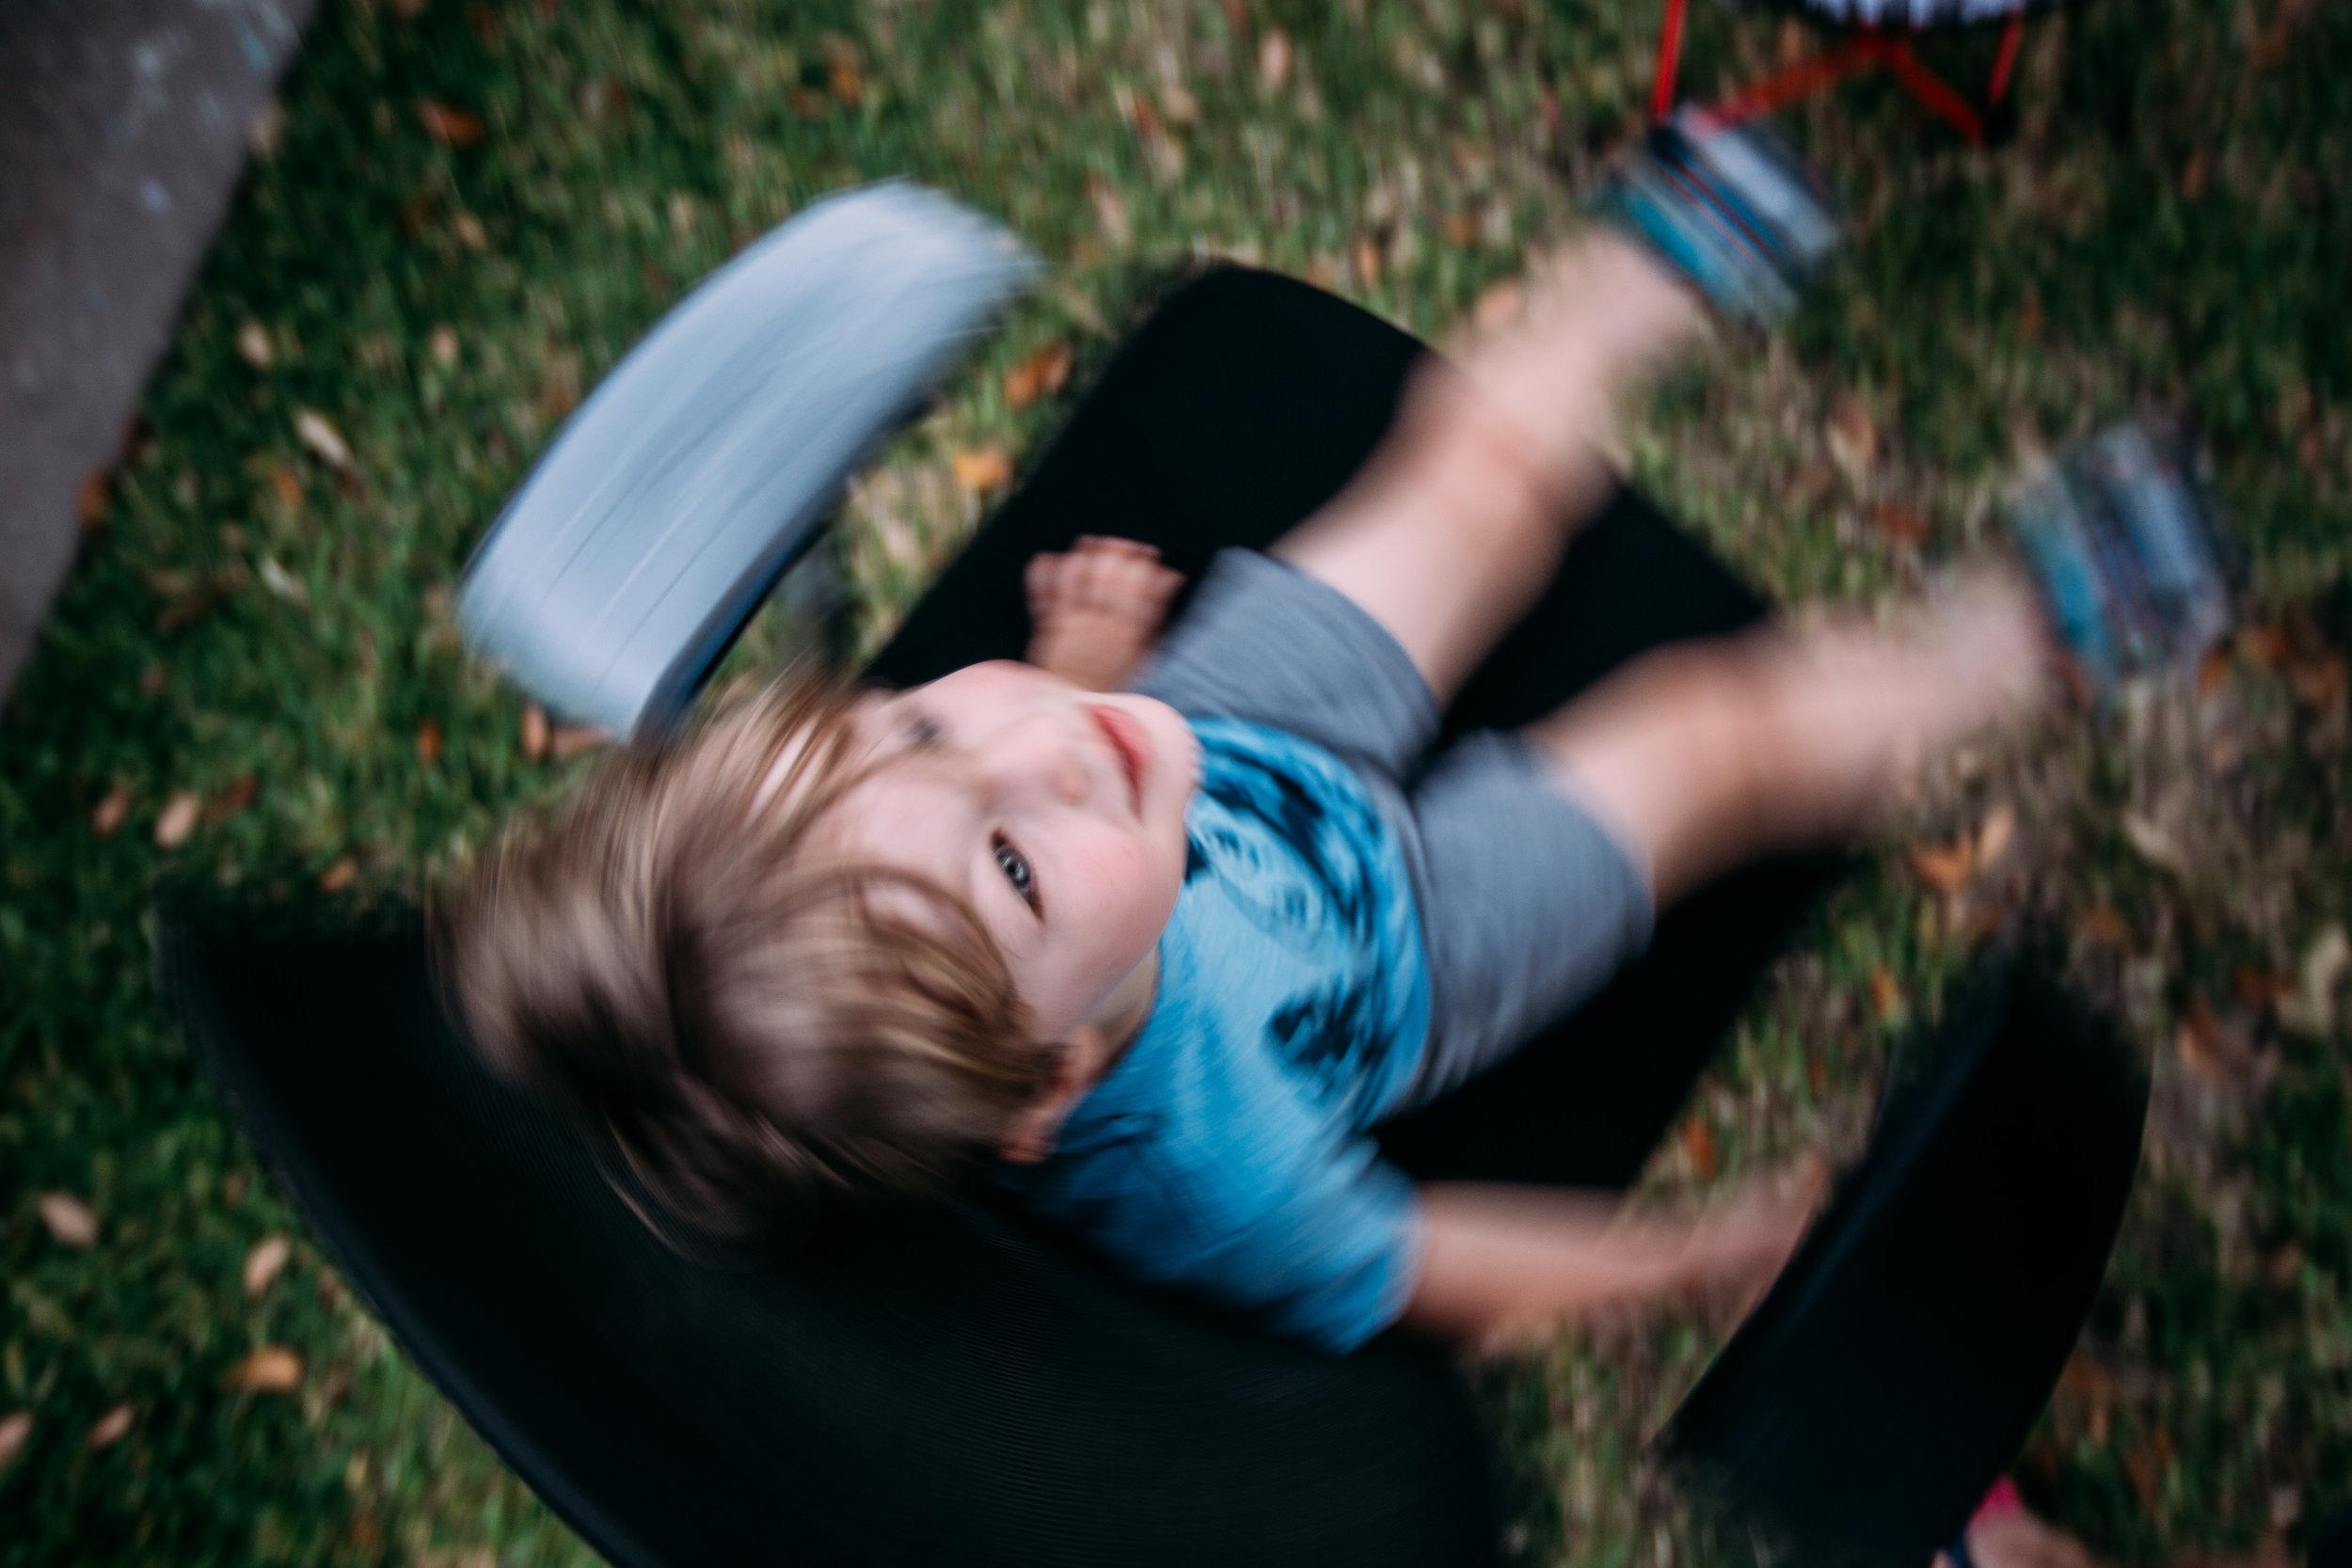 family photographer houston - 10 on 10-9.jpg